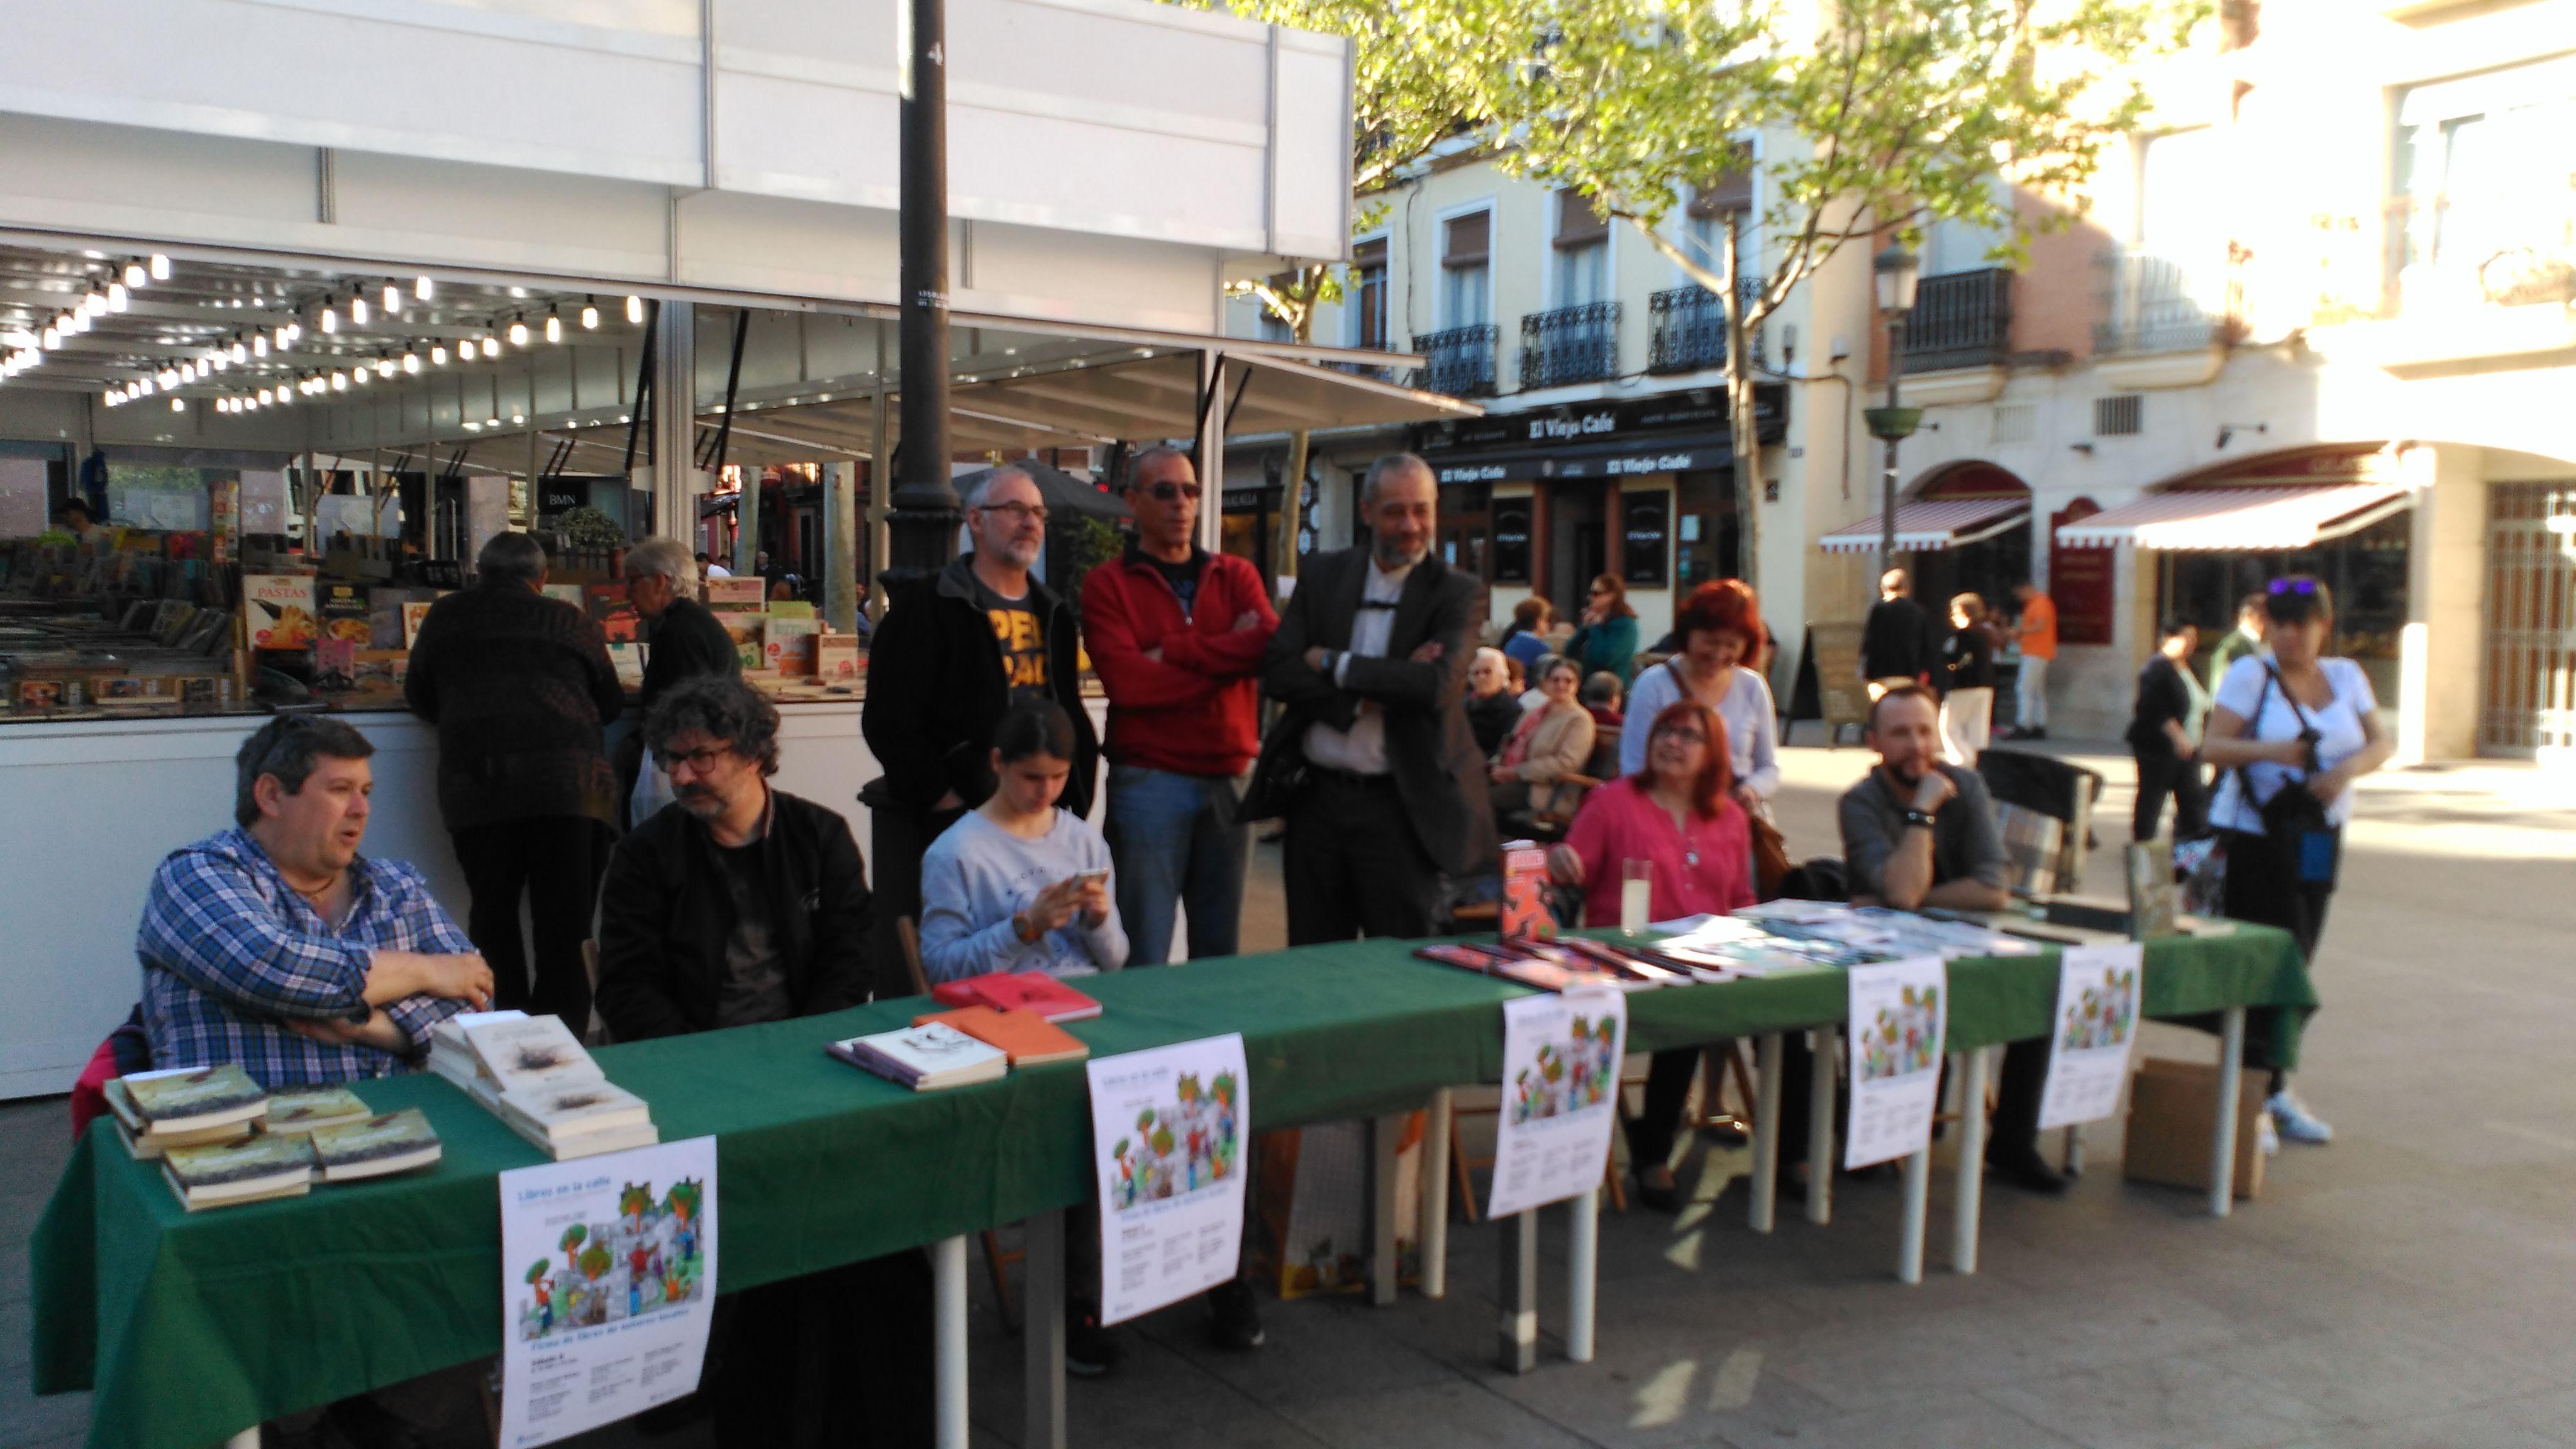 Visita a la Feria del Libro Antiguo, Usado y de Ocasión de Leganés ...